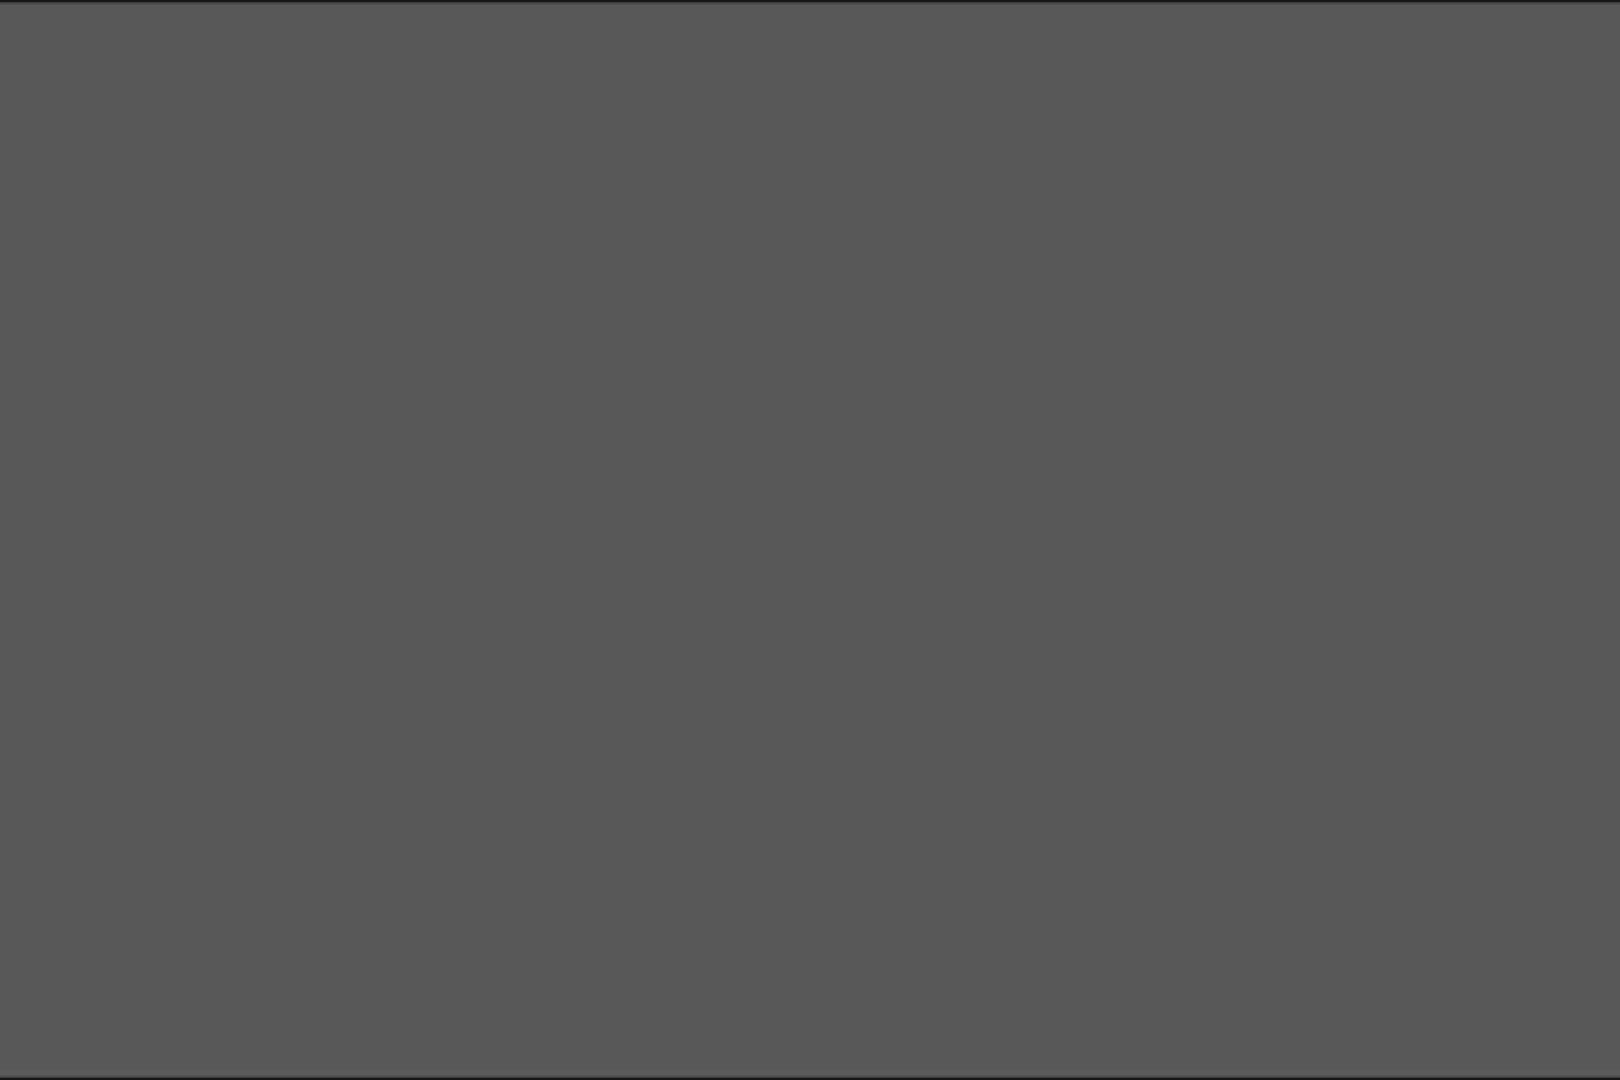 マンコ丸見え女子洗面所Vol.18 洗面所 AV無料動画キャプチャ 105連発 28